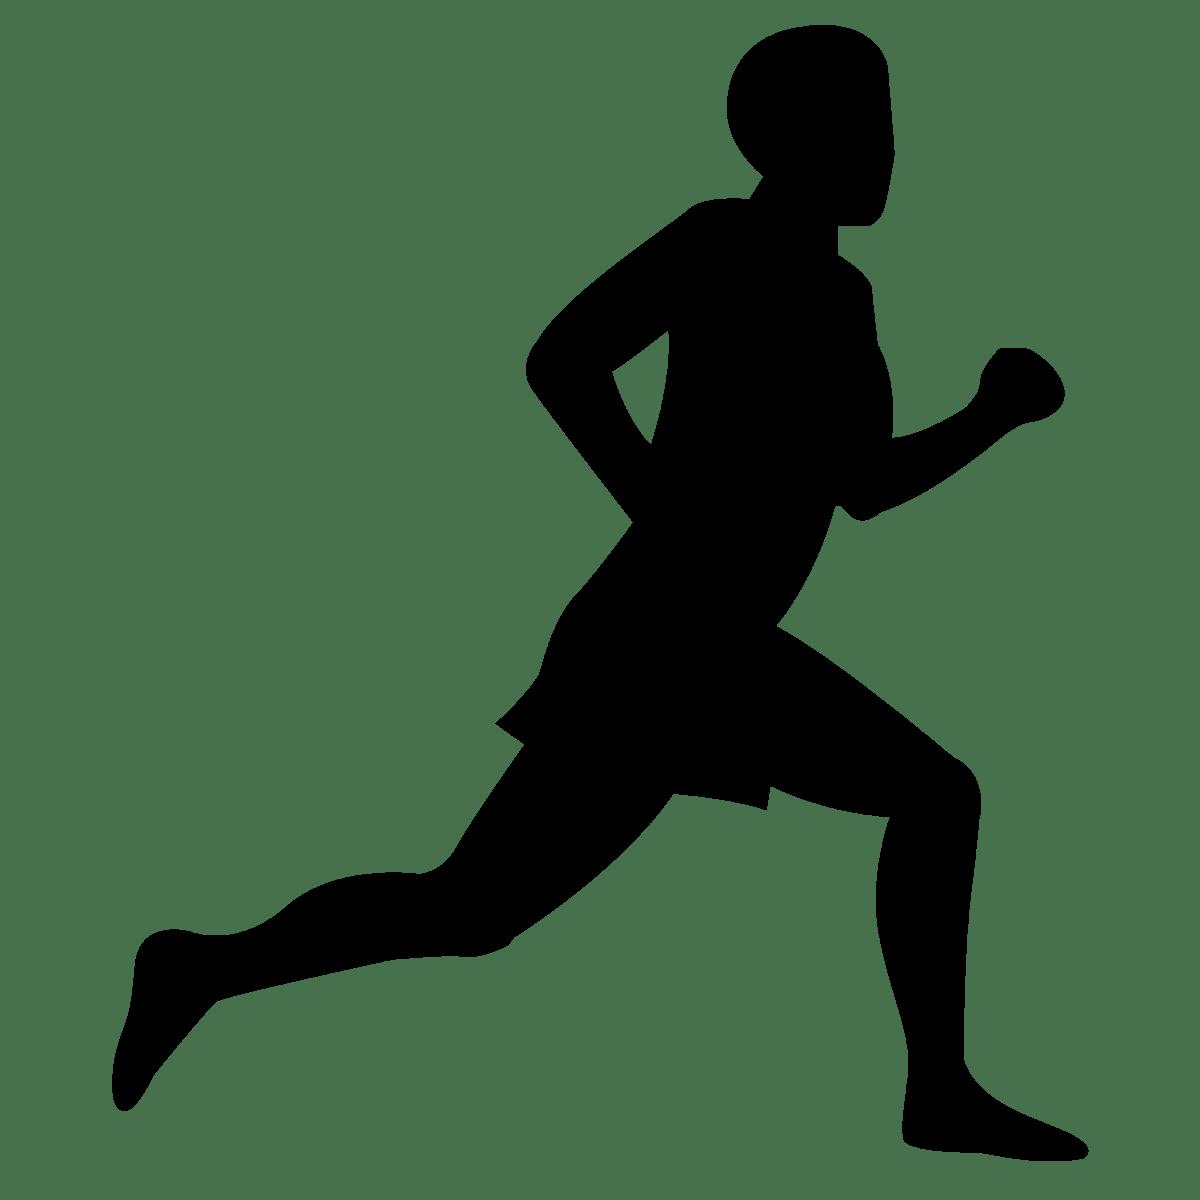 Biegam24.pl czyli dobry sklep dla biegaczy